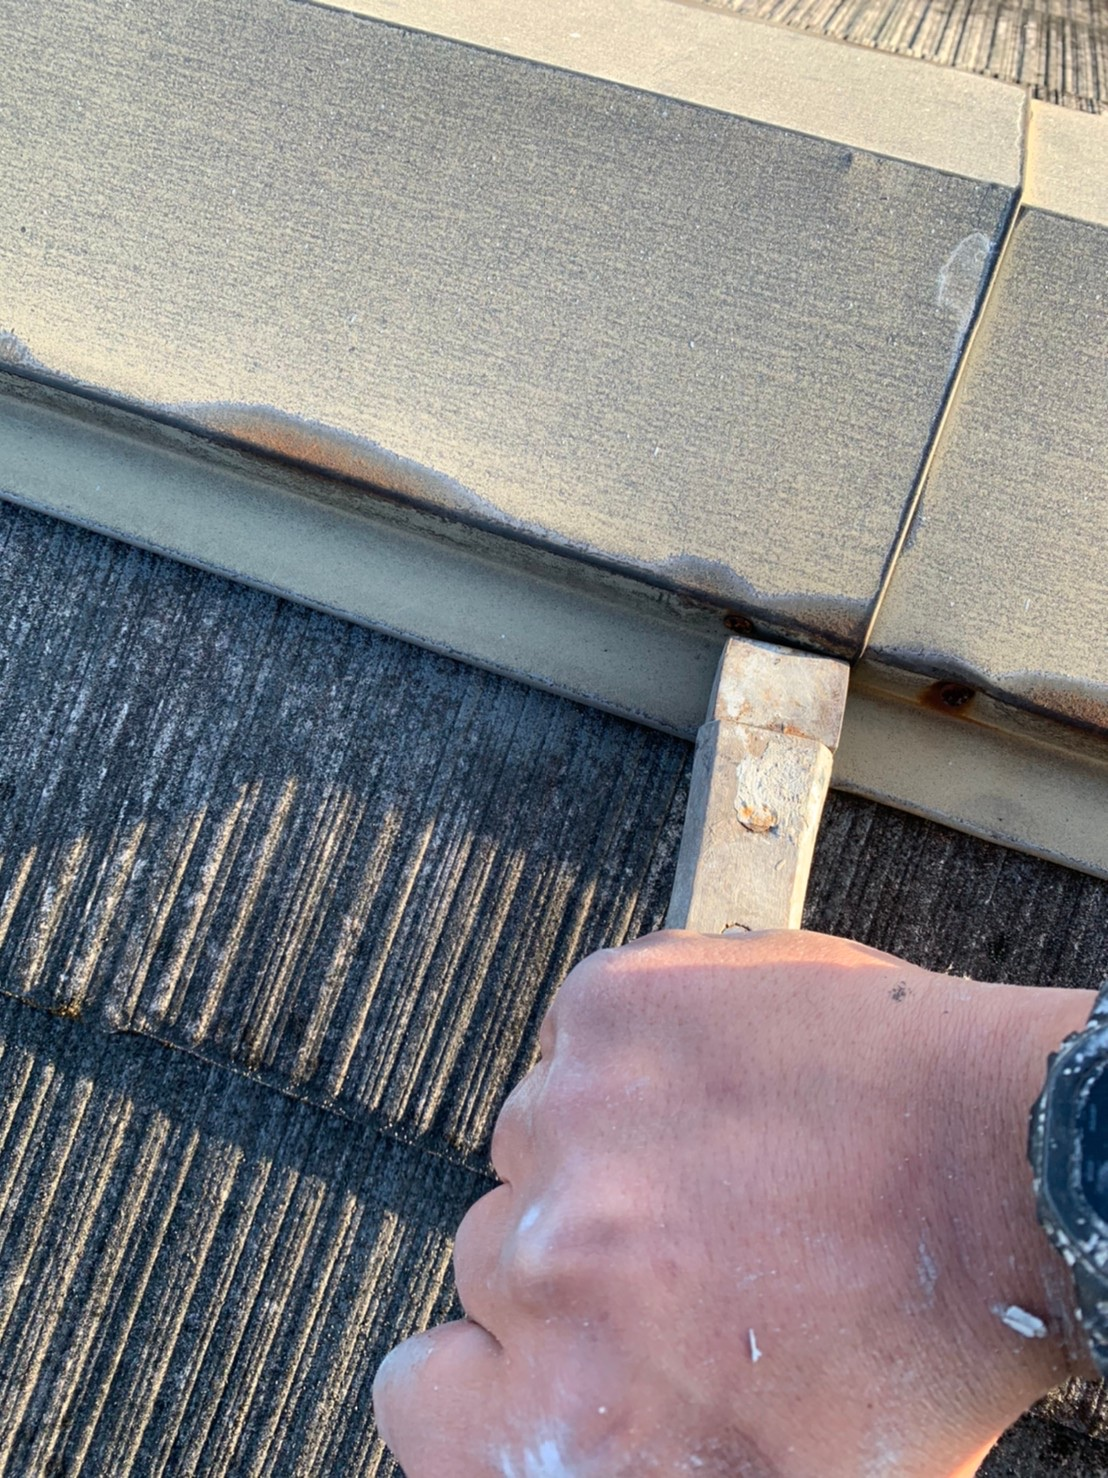 茨木・高槻の外壁屋根塗装防水YJリフォーム屋根棟板金クギ押さえ@高槻市北大樋町